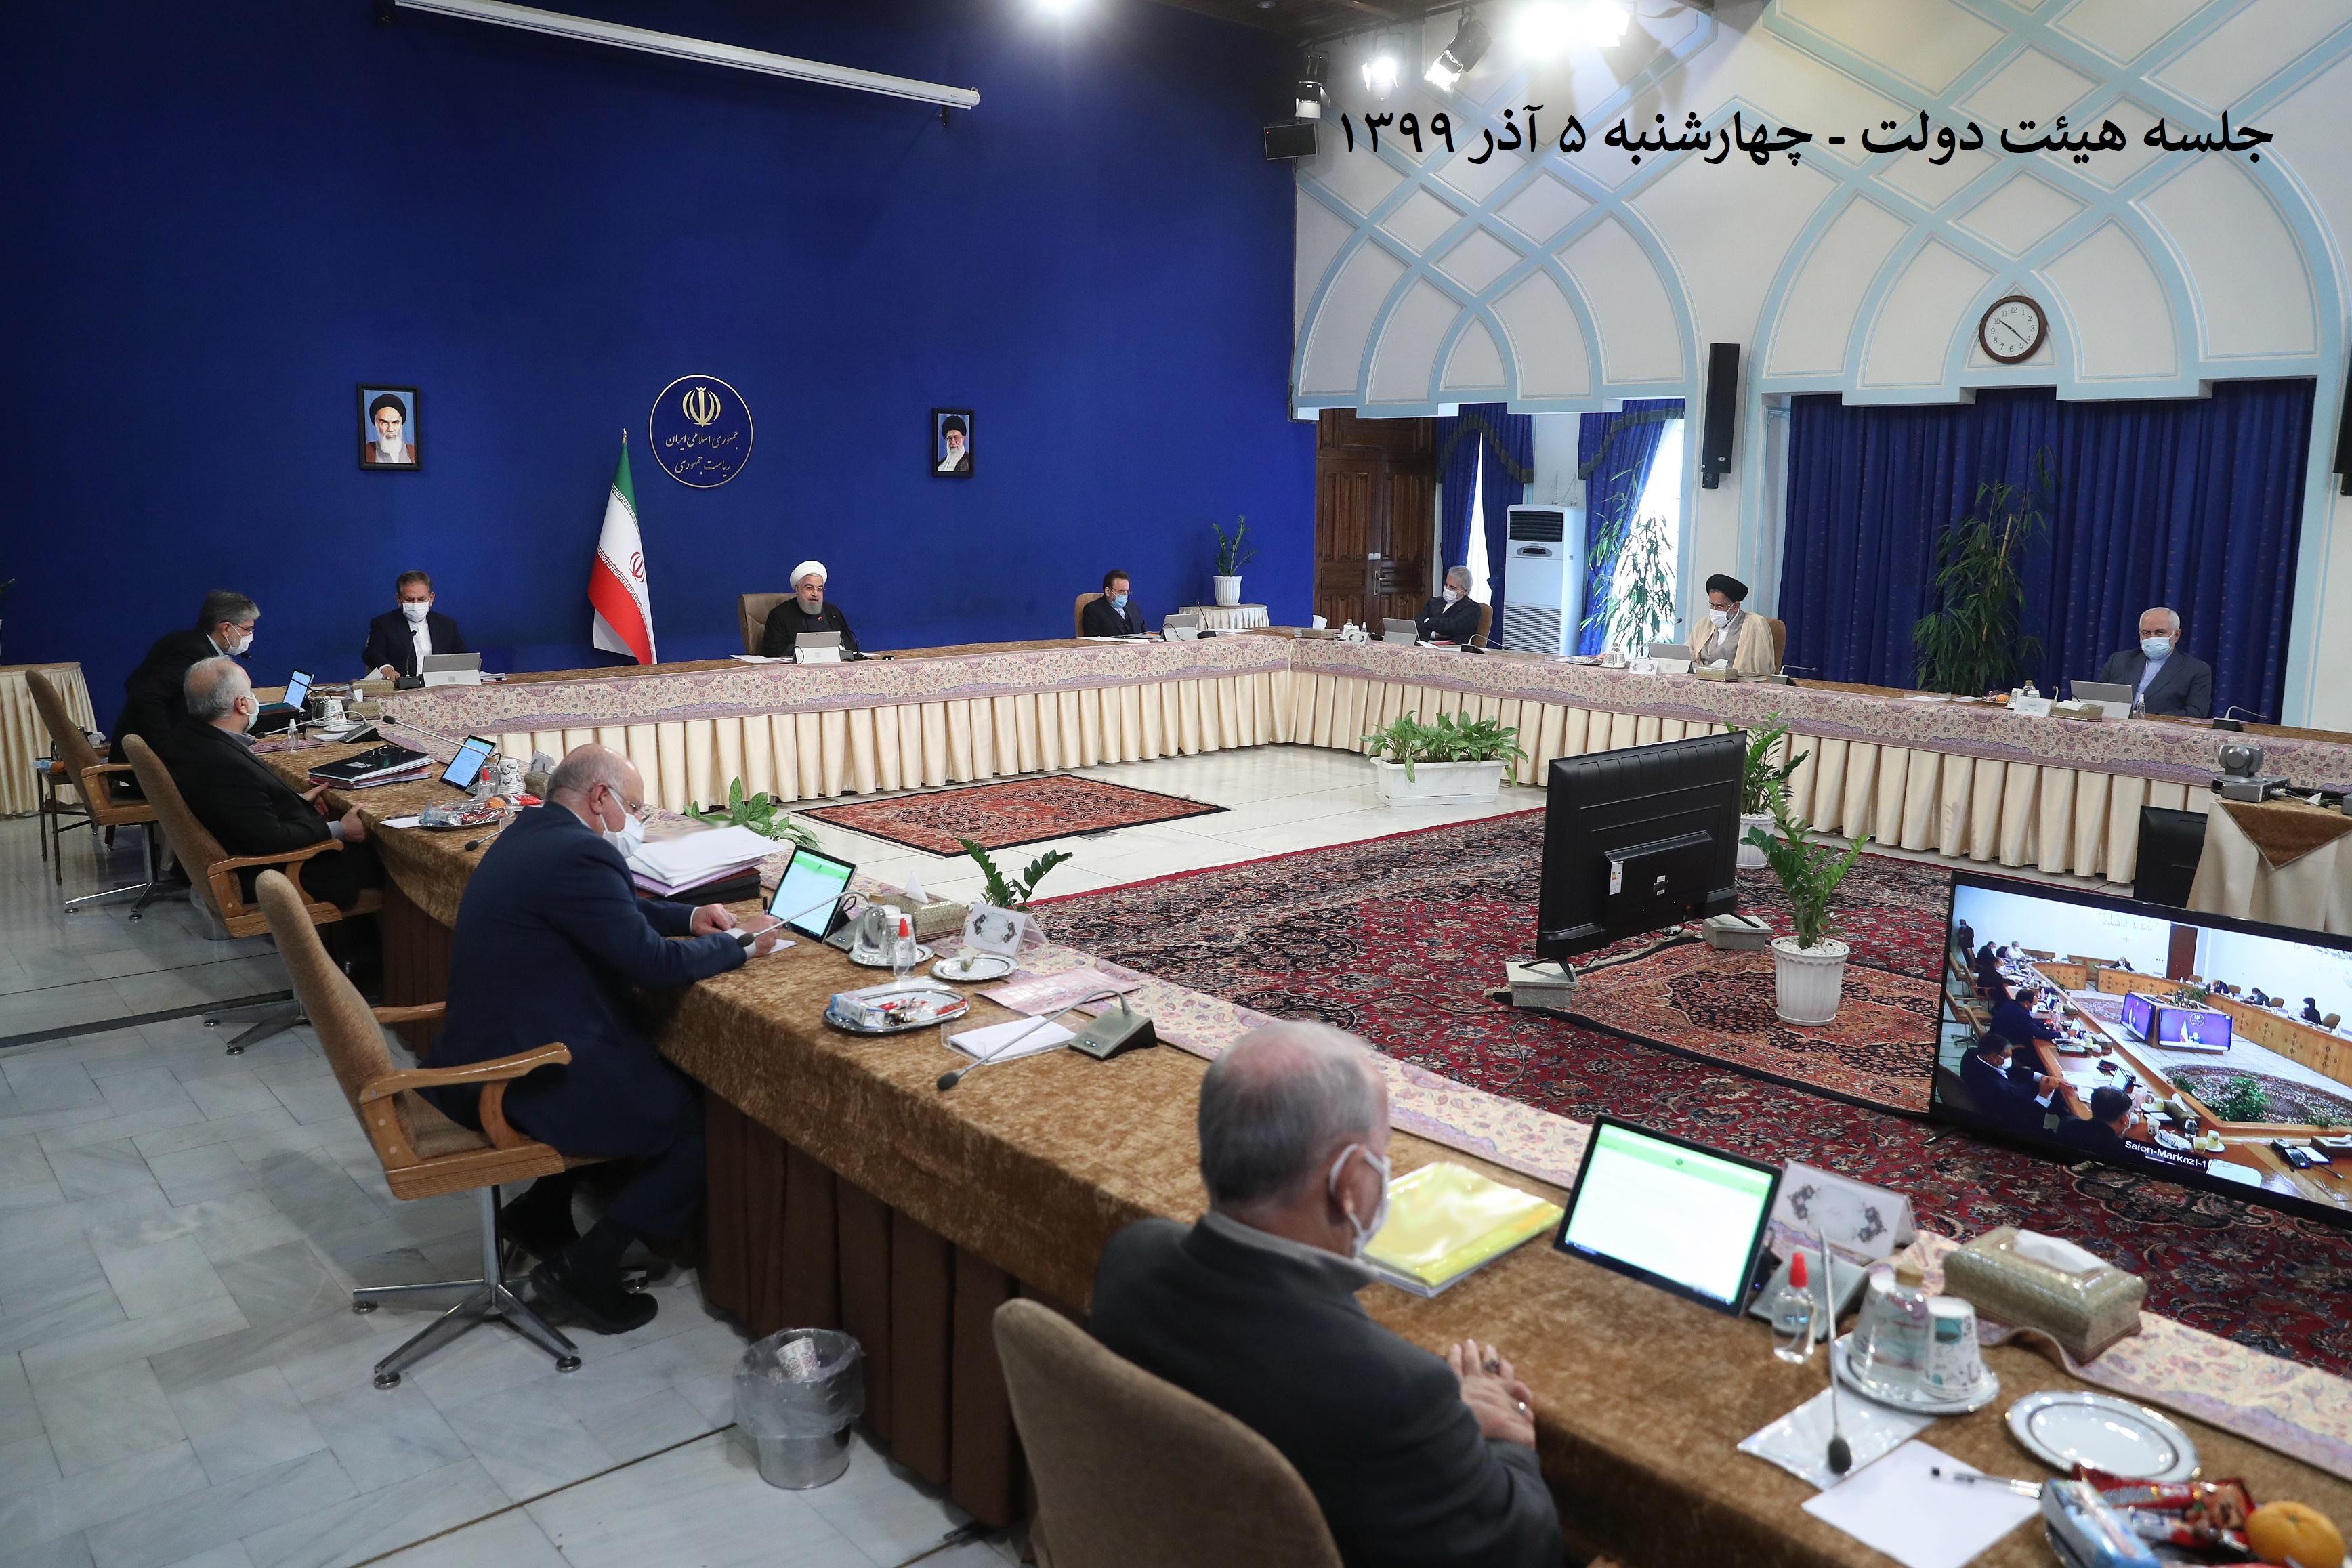 بحث و بررسی پیرامون راهکارهای اجرای رهنمودهای مقام معظم رهبری، در جلسه امروز دولت